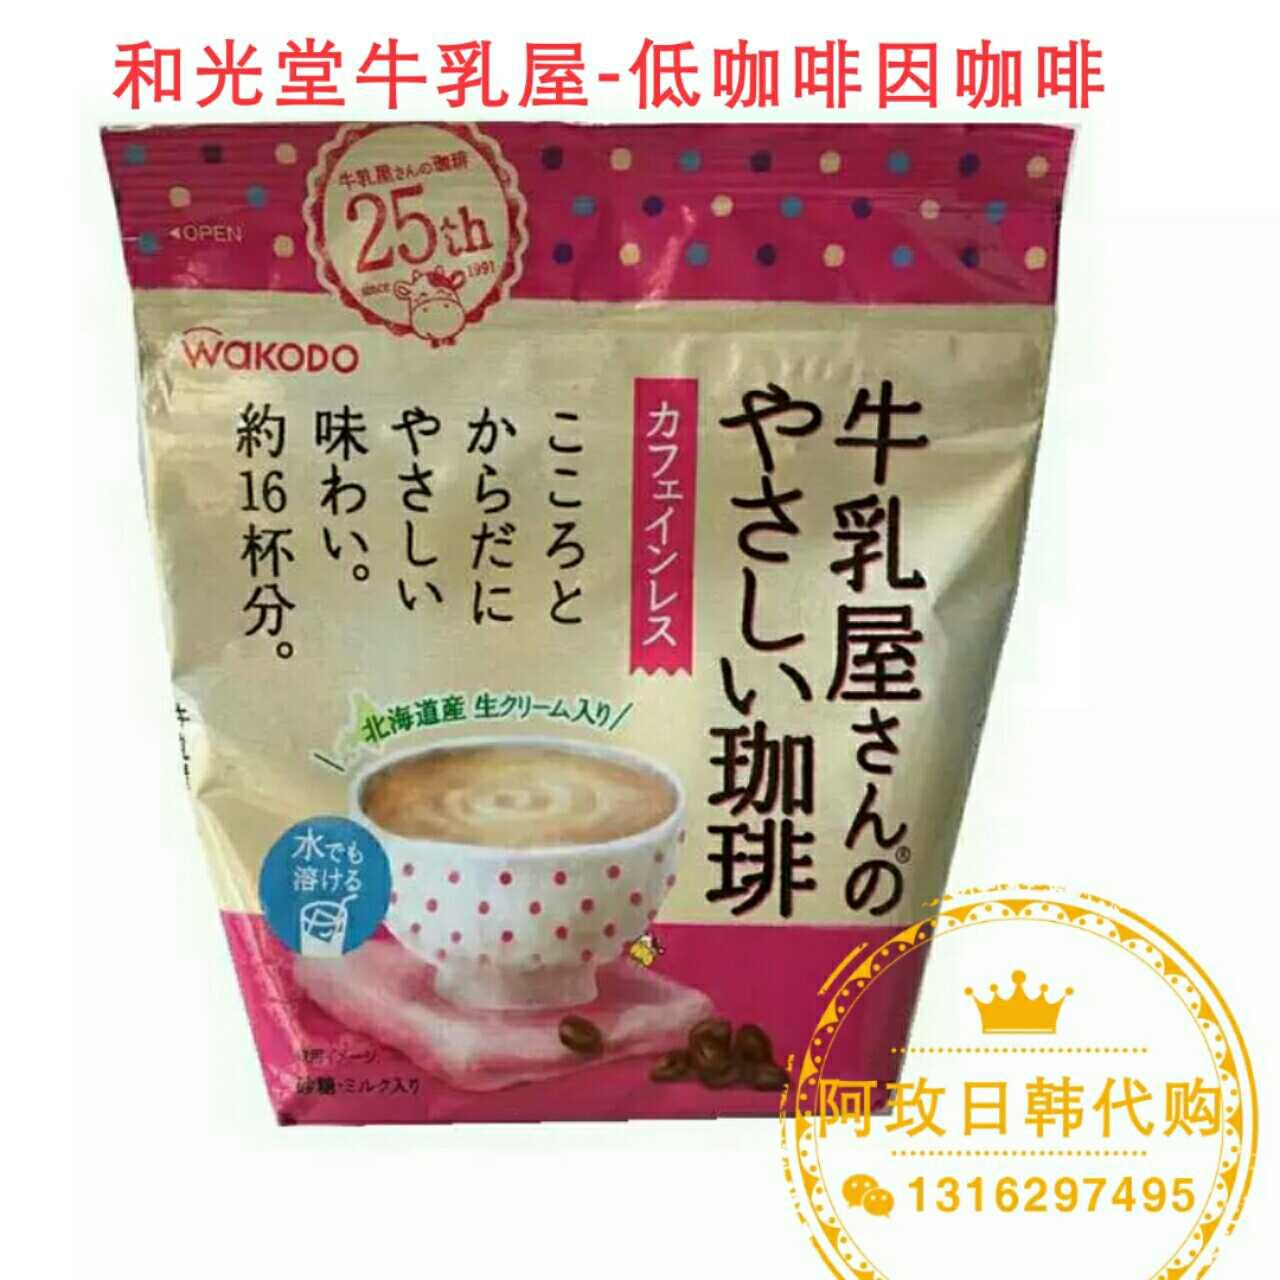 日本 和光堂牛乳屋 低咖啡 咖啡 孕妇可用 catie推荐